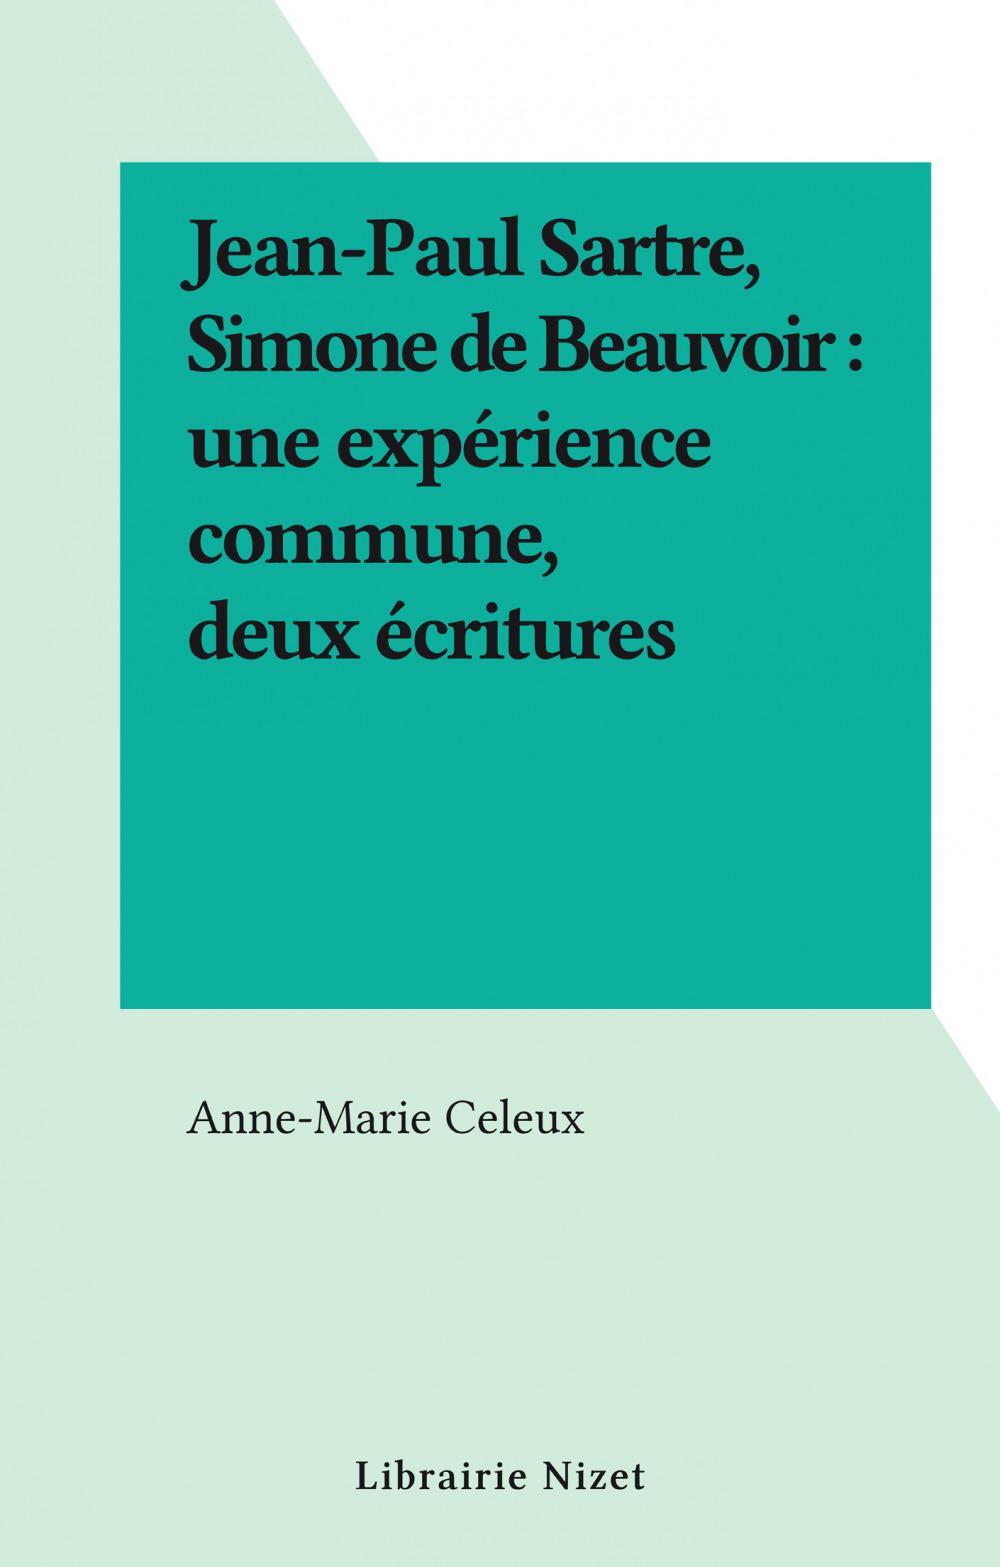 Jean-Paul Sartre, Simone de Beauvoir : une expérience commune, deux écritures